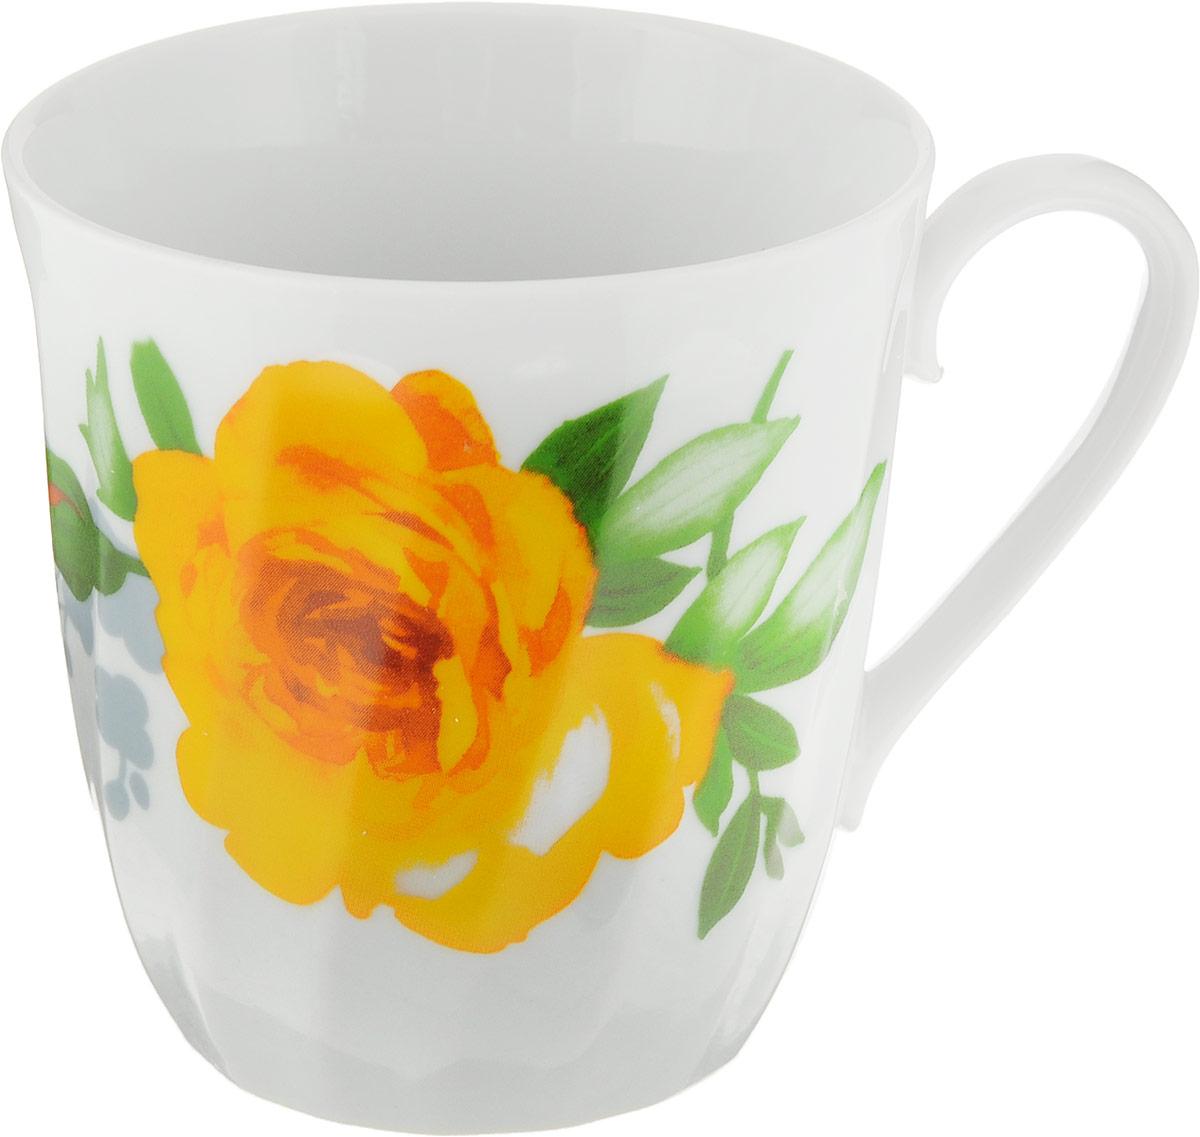 Кружка Дулевский Фарфор Витая. Роза, 350 мл. 676121271958Кружка Дулевский Фарфор Витая. Роза способна скрасить любое чаепитие. Изделие выполнено из высококачественного фарфора. Посуда из такого материала позволяет сохранить истинный вкус напитка, а также помогает ему дольше оставаться теплым. Кружка оснащена удобной ручкой. Диаметр: 9,5 см. Высота: 9,5 см.